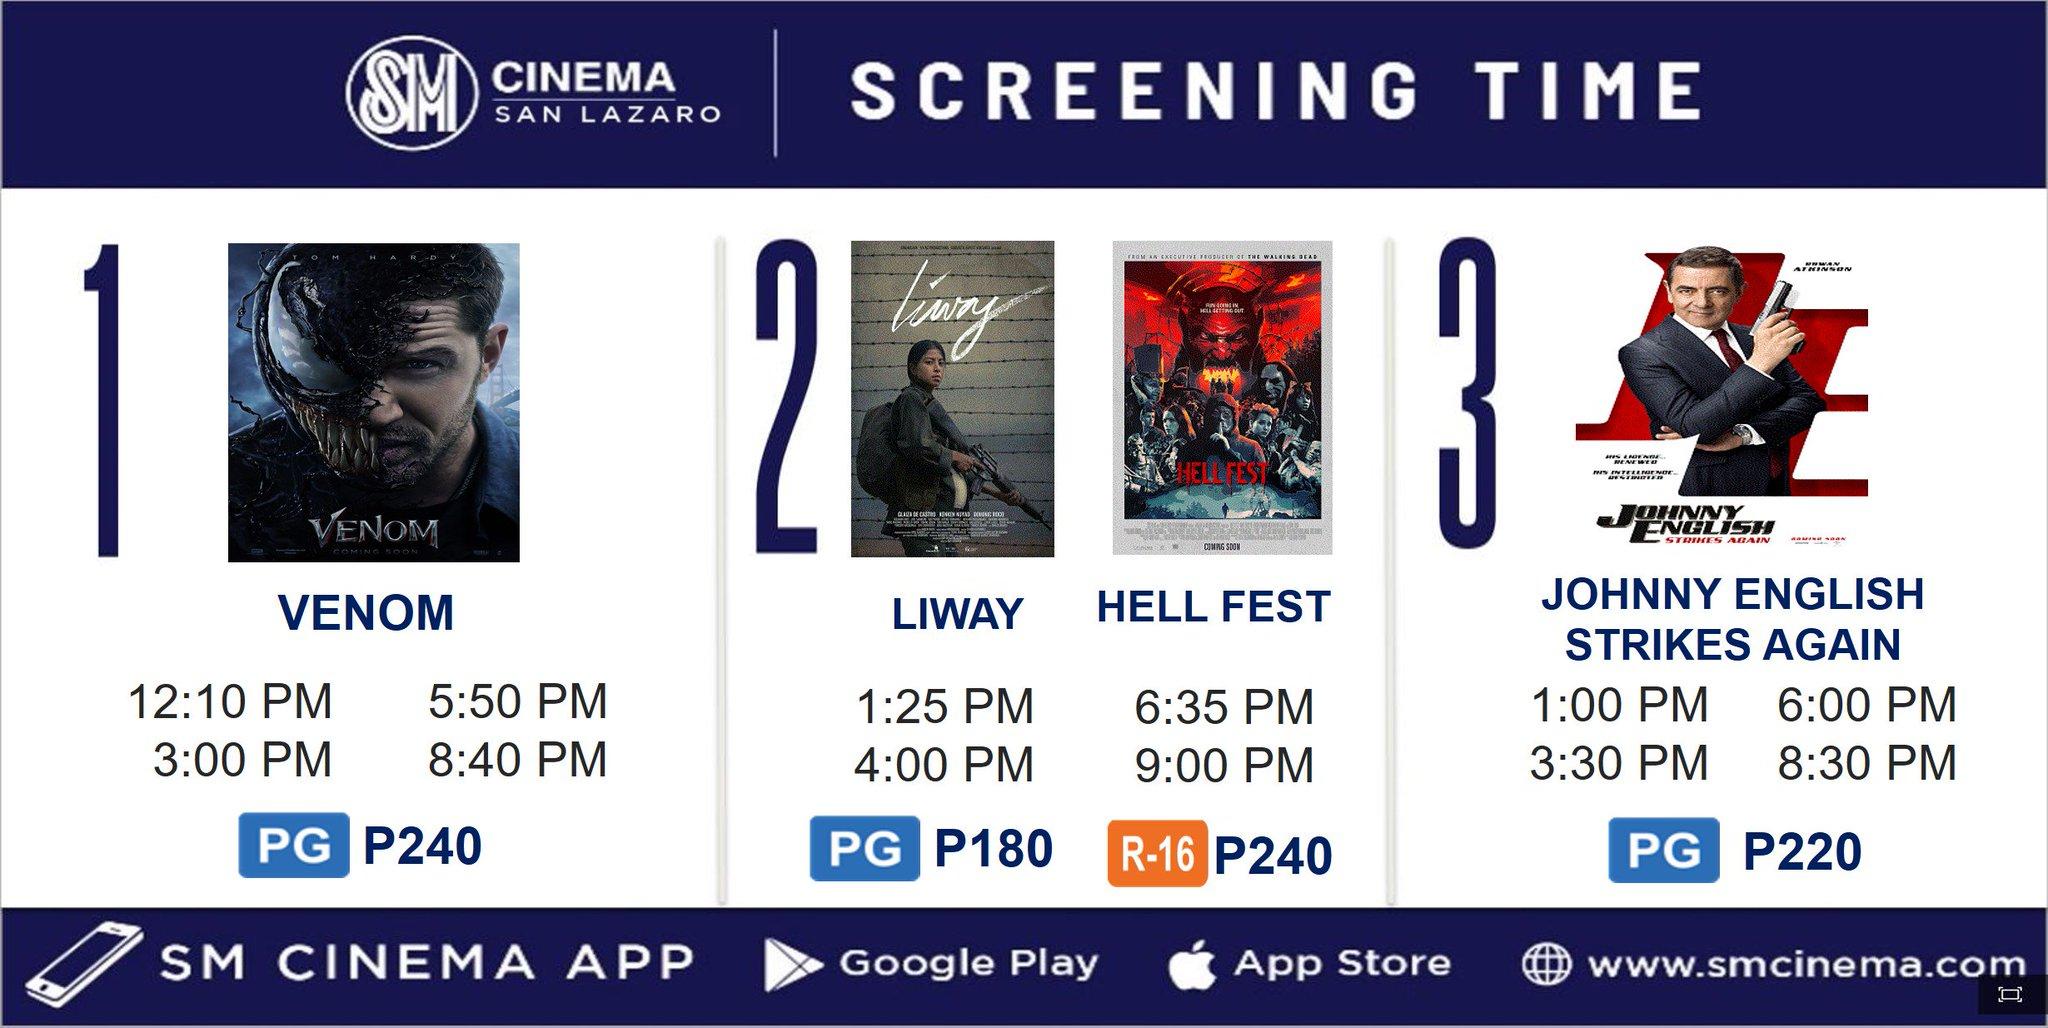 Sm city san lazaro cinema schedule